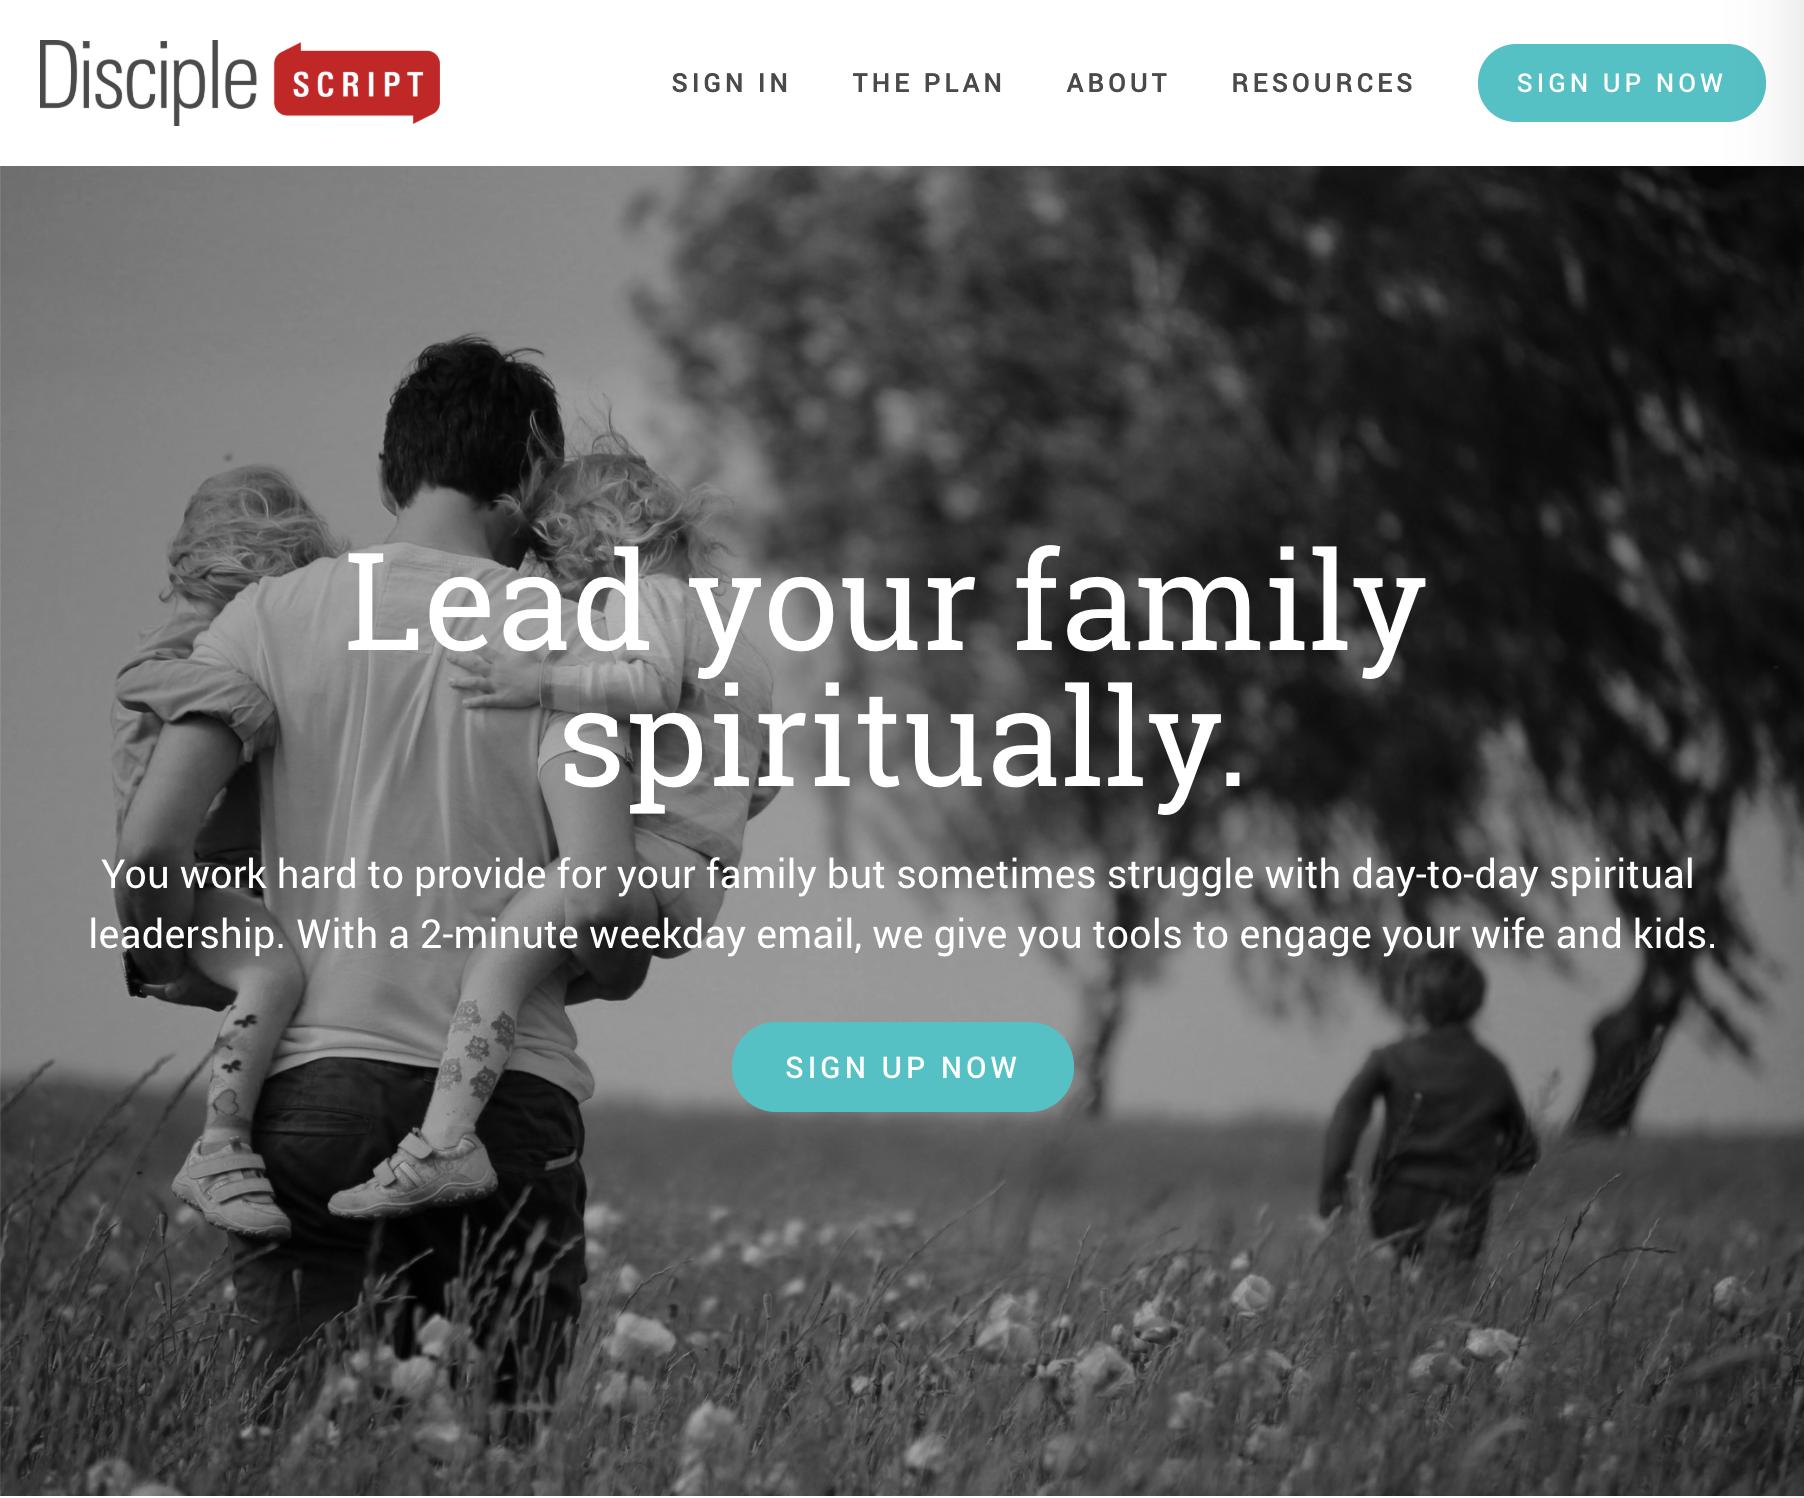 DiscipleScript.com Homepage